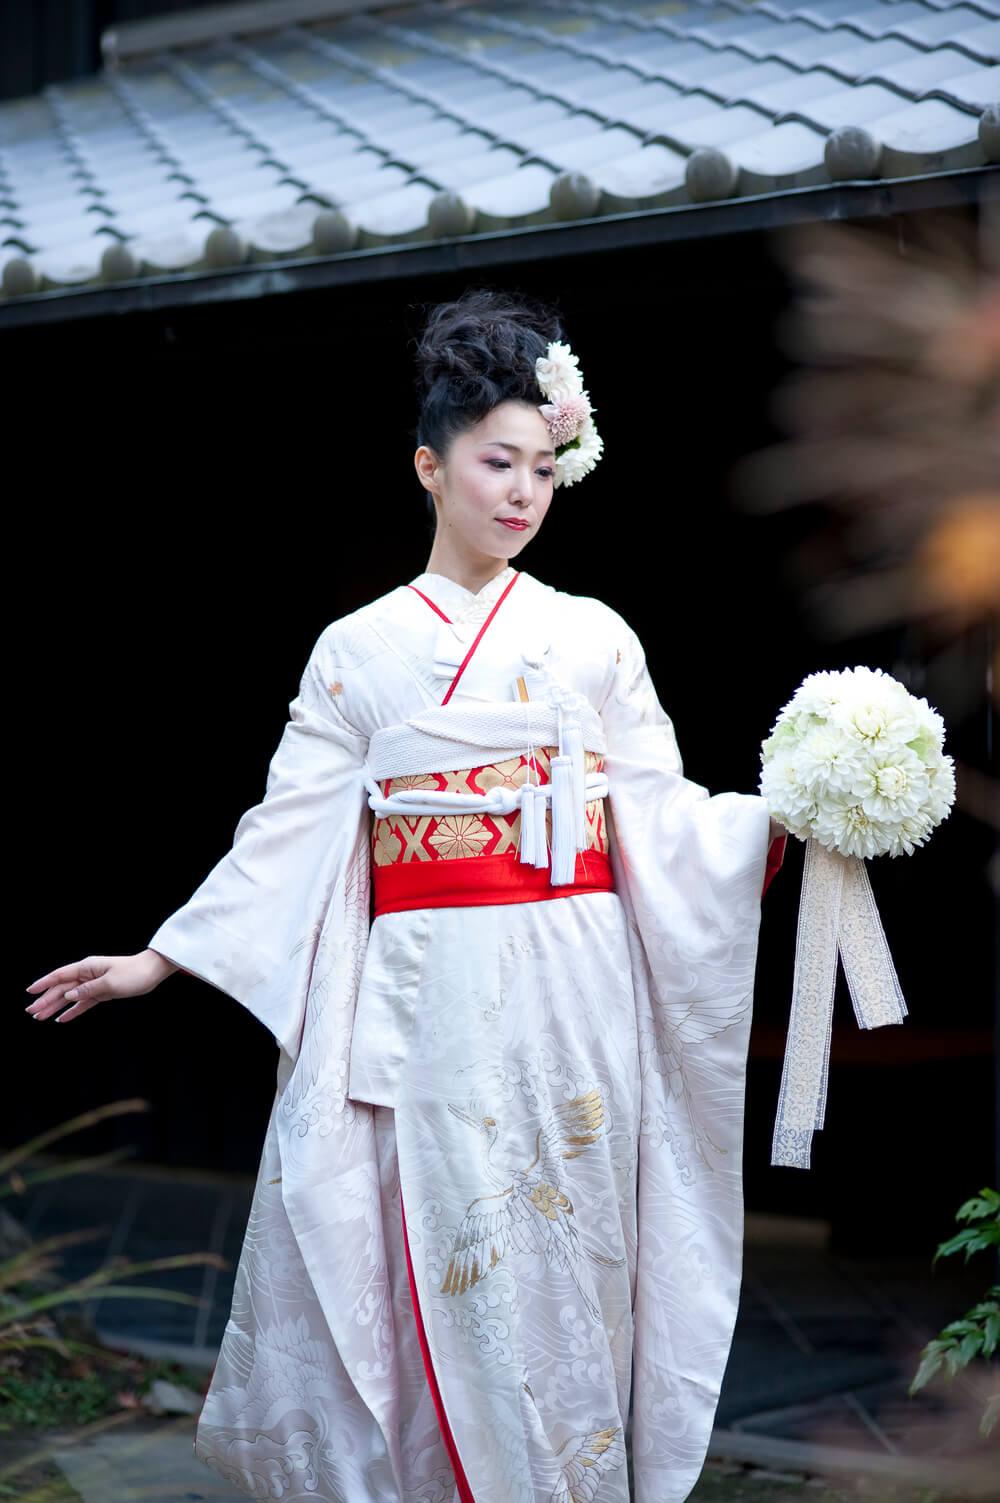 小物やスタイルでモダンな雰囲気をコーディネートすると、あっという間に新しい和婚スタイルの完成です。